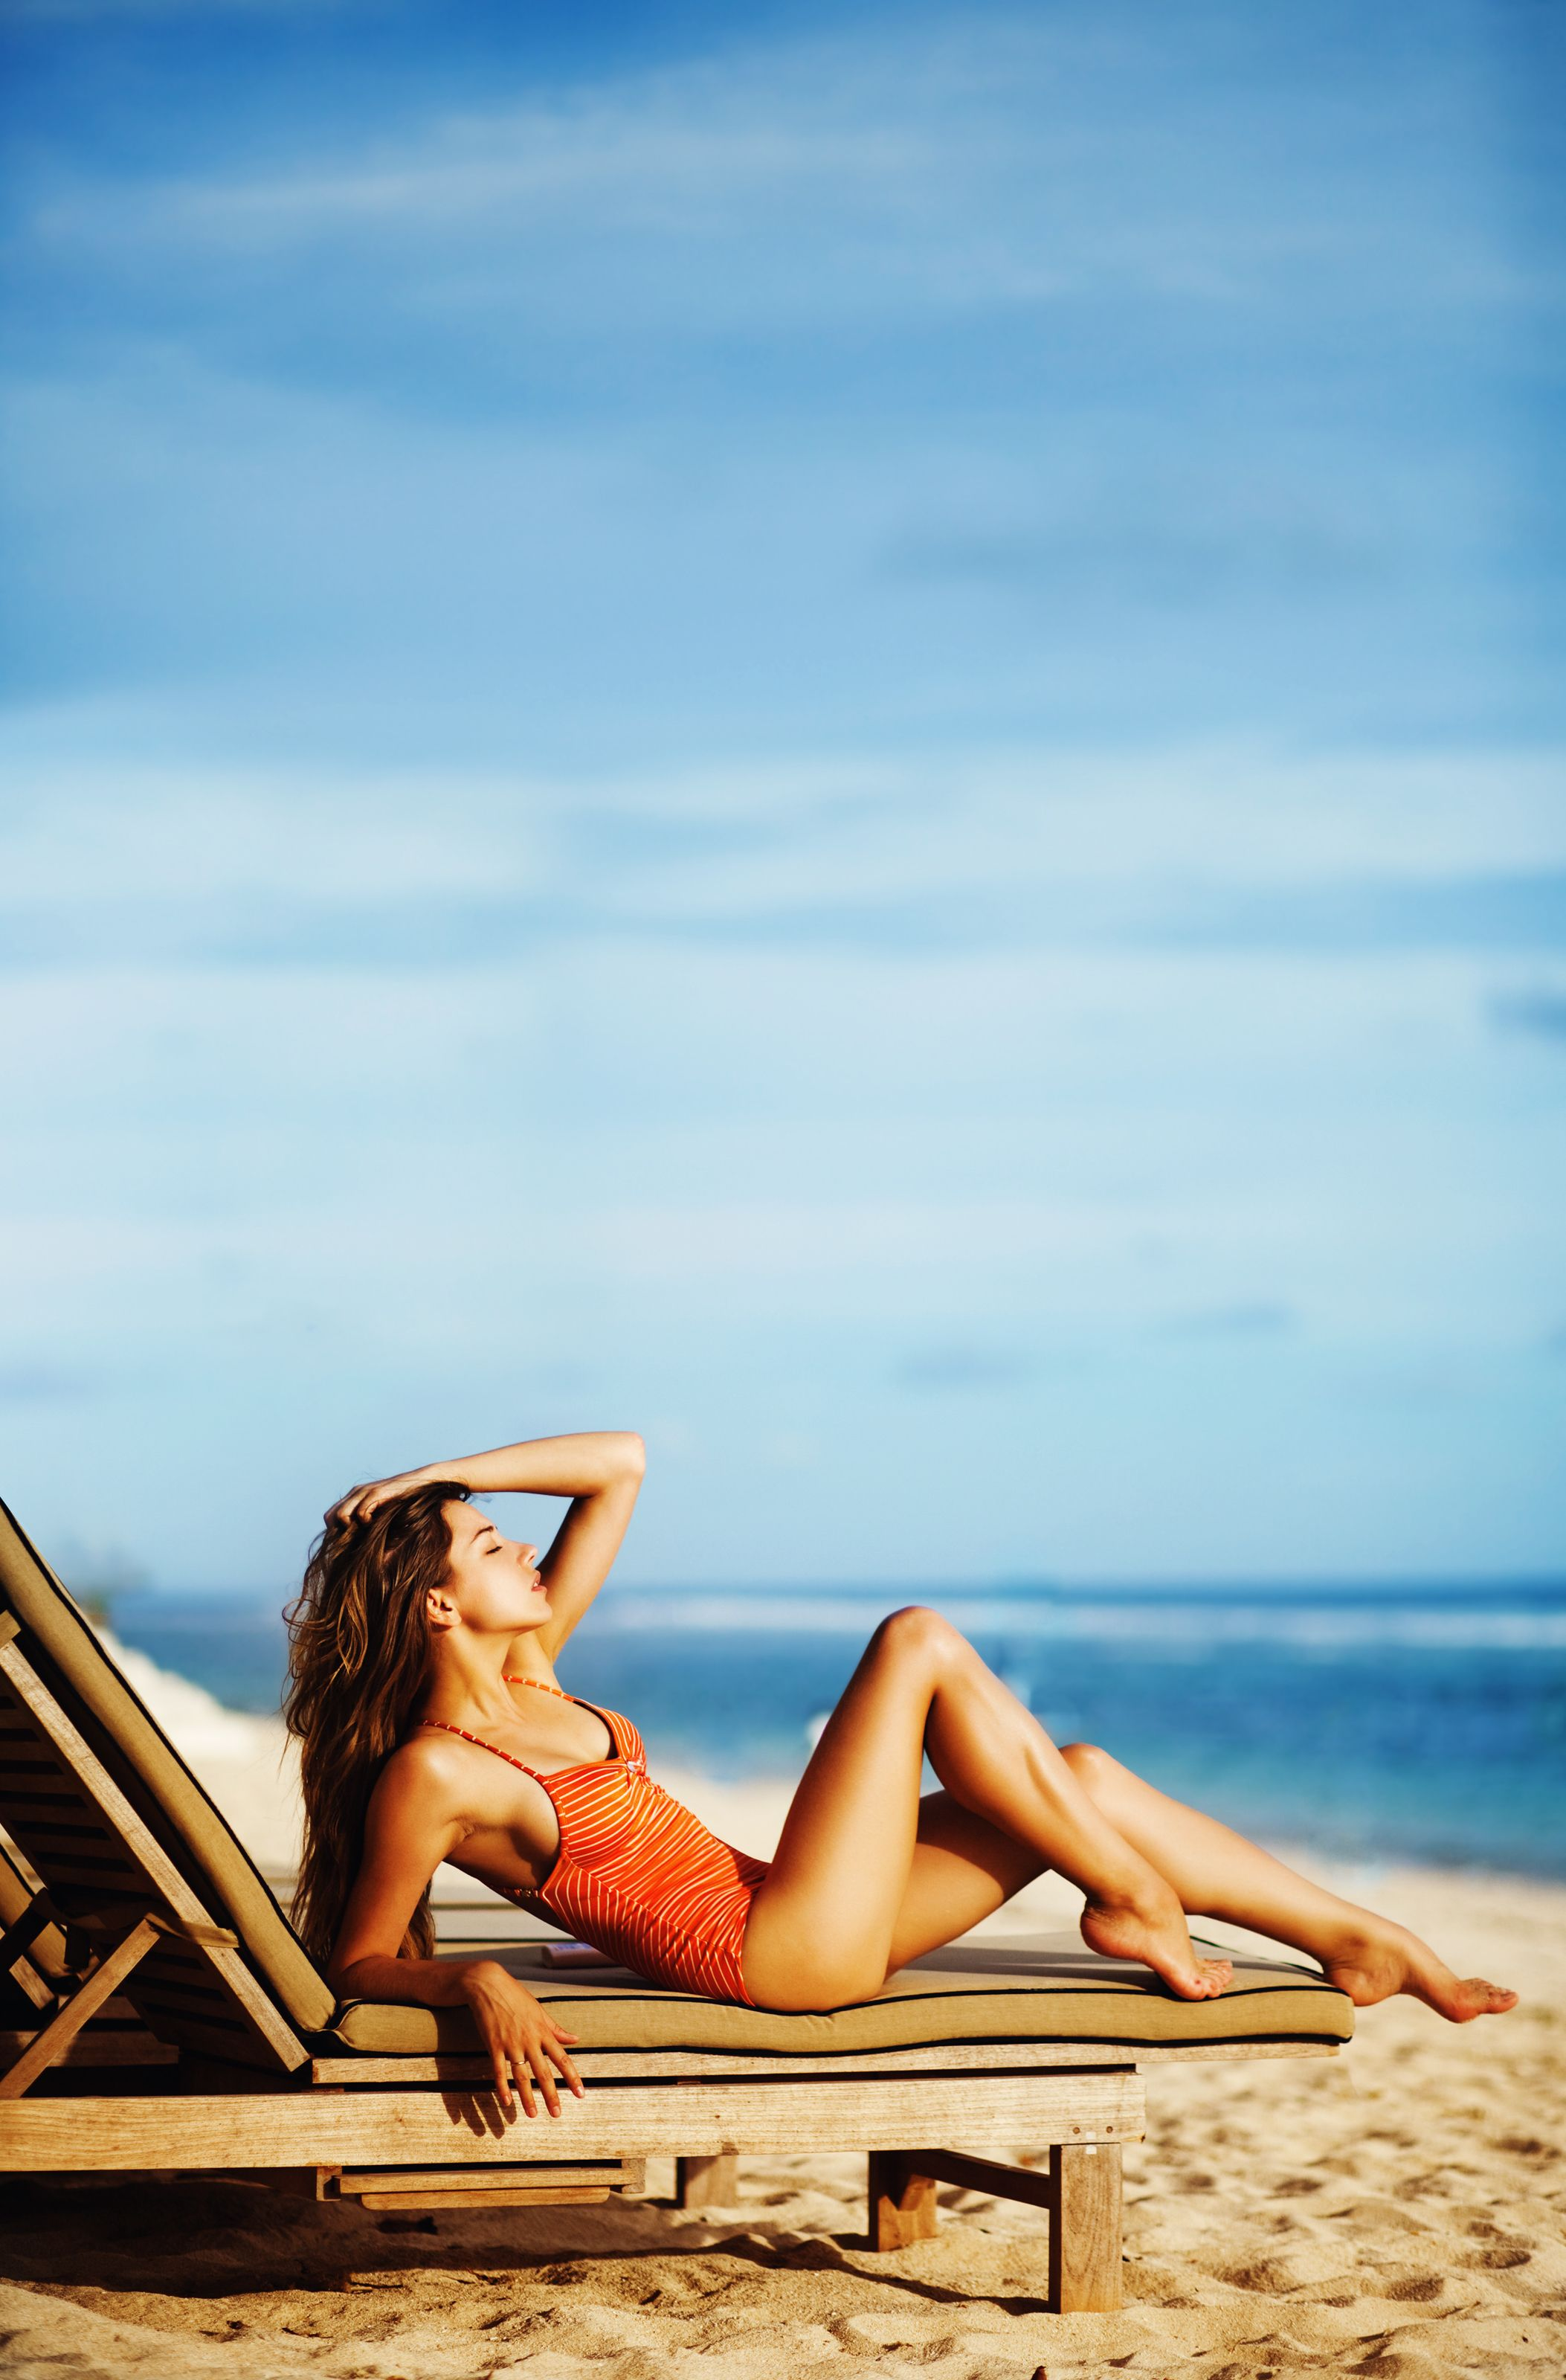 полдень пляж солярий крым фото некоторых отличий